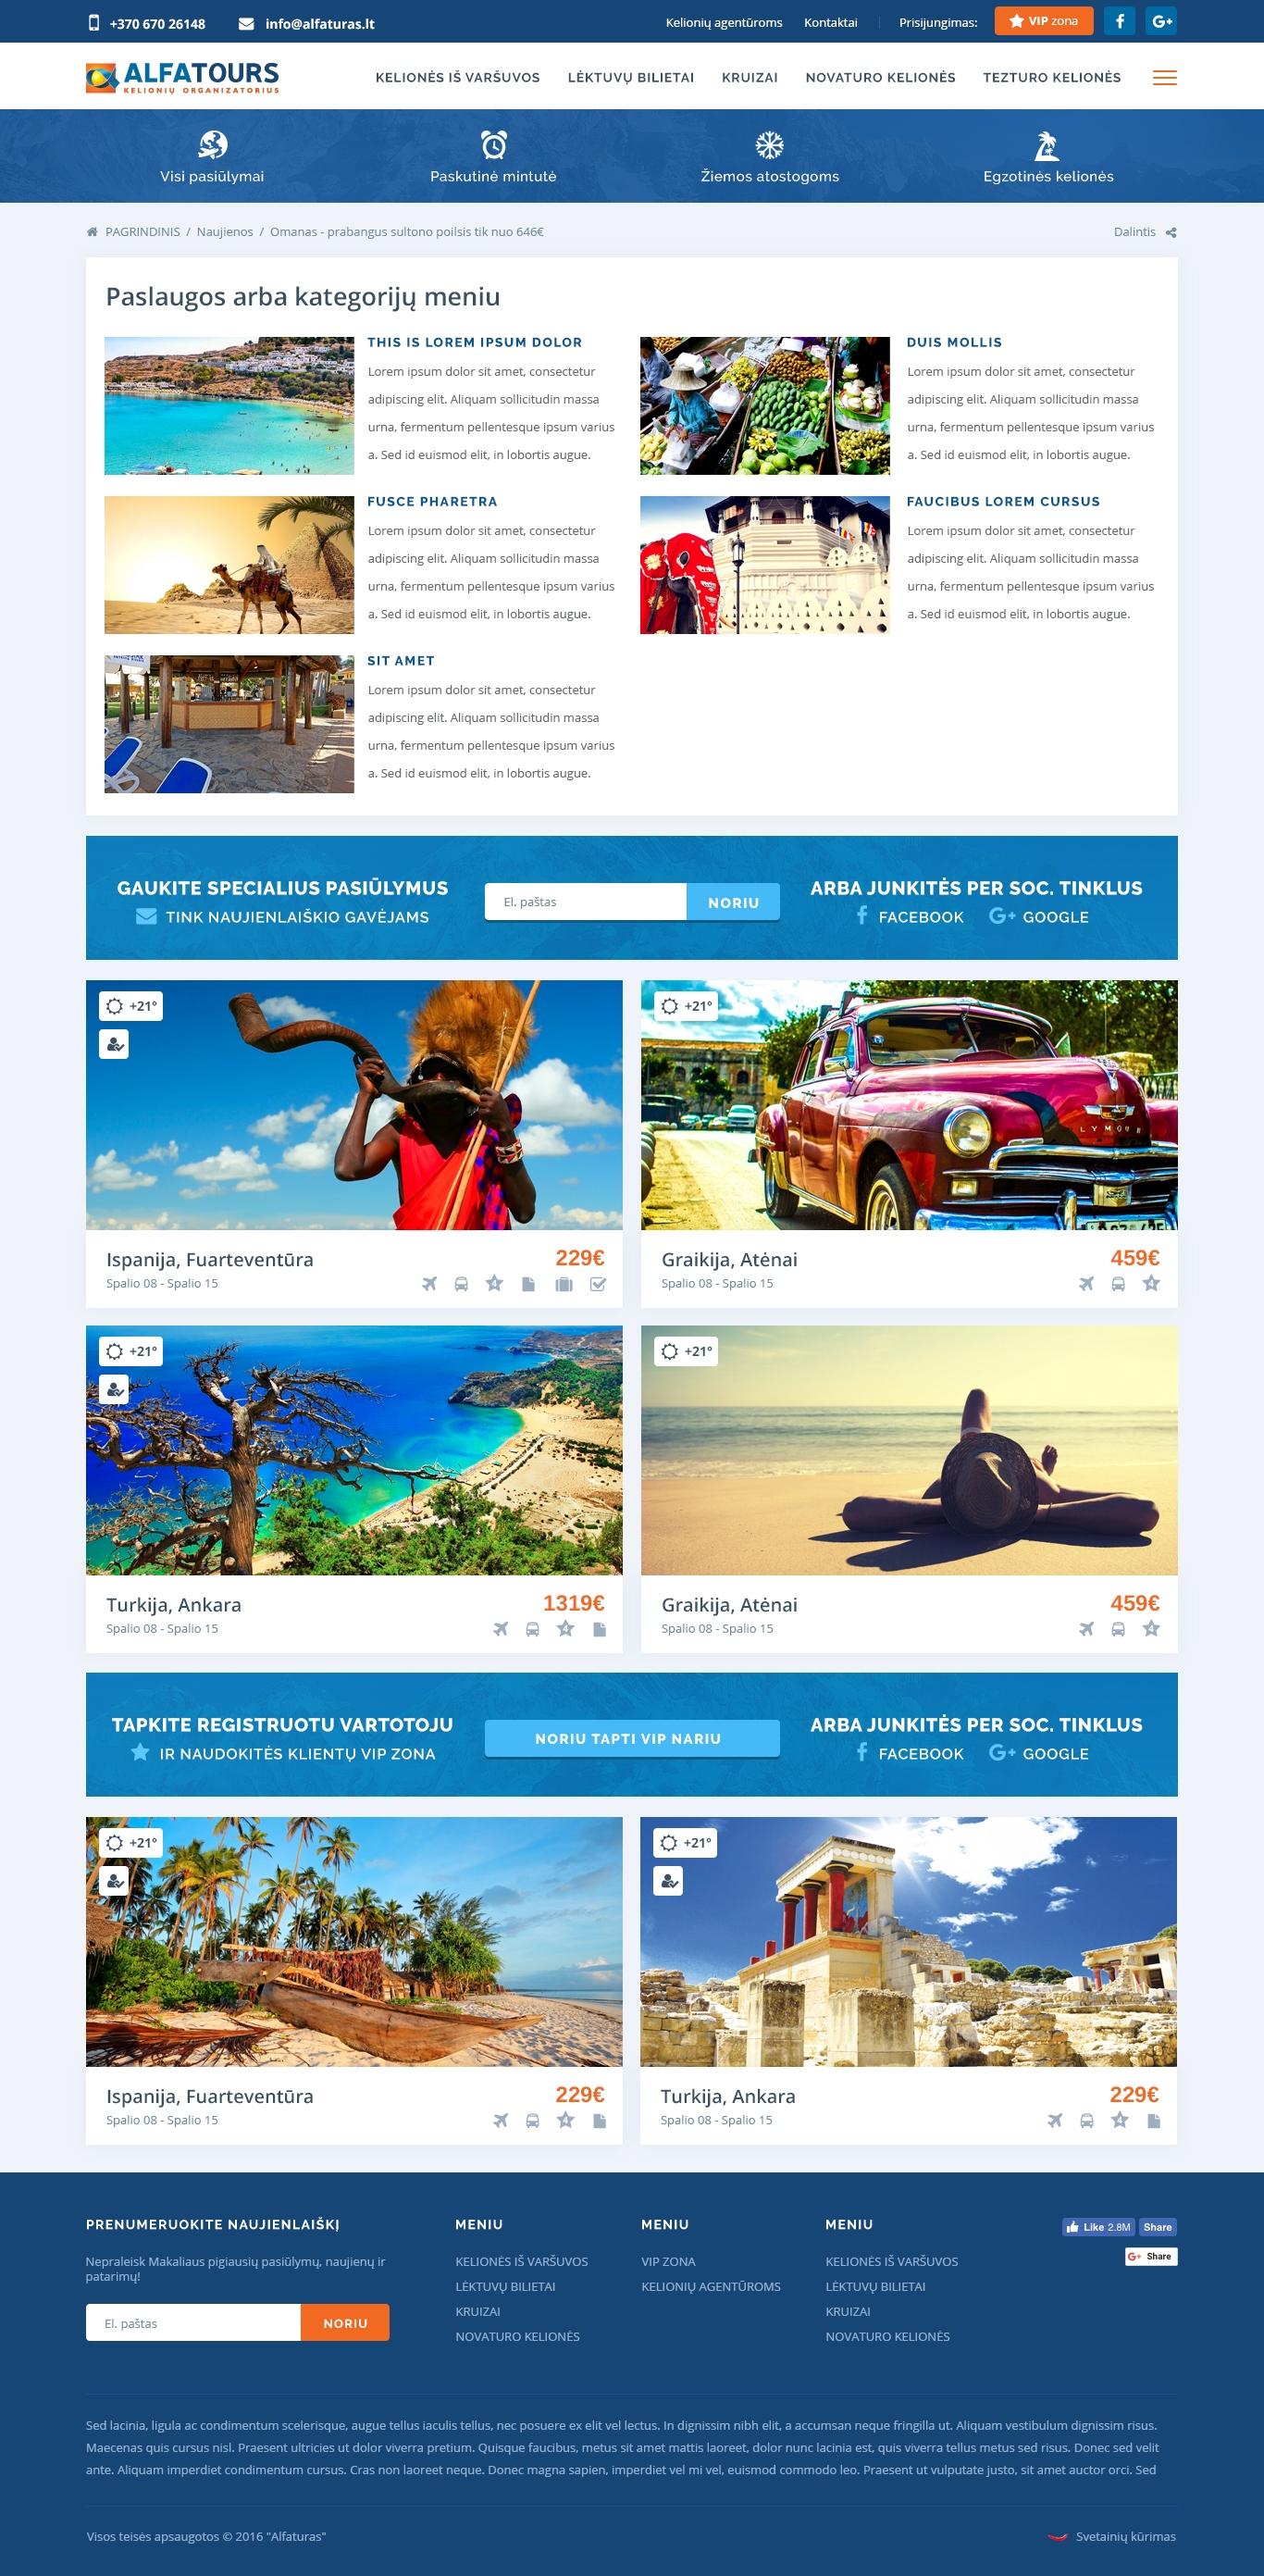 Alfaturas/Travel portal